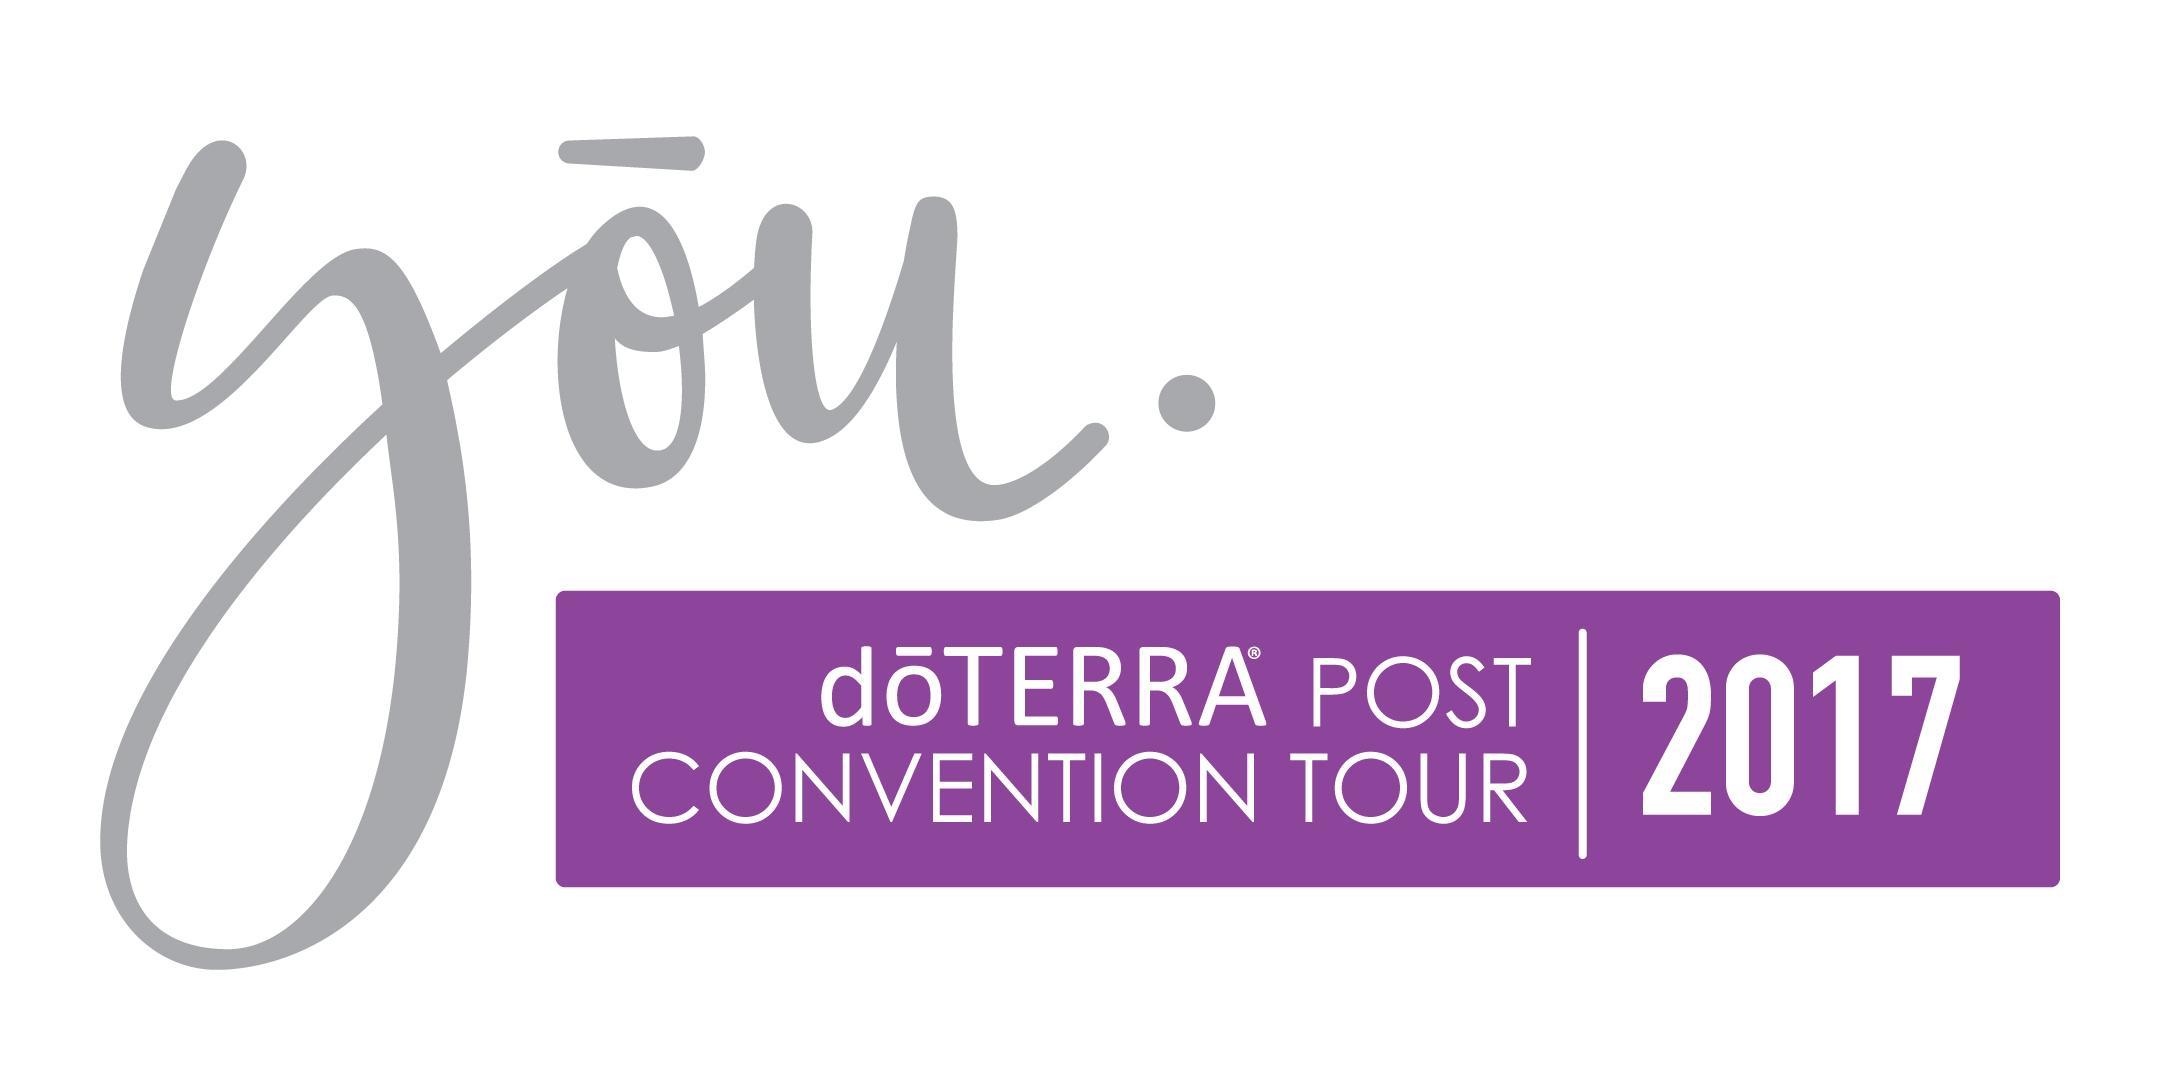 doTERRA yōu. Post Convention Tour: San Antonio, TX